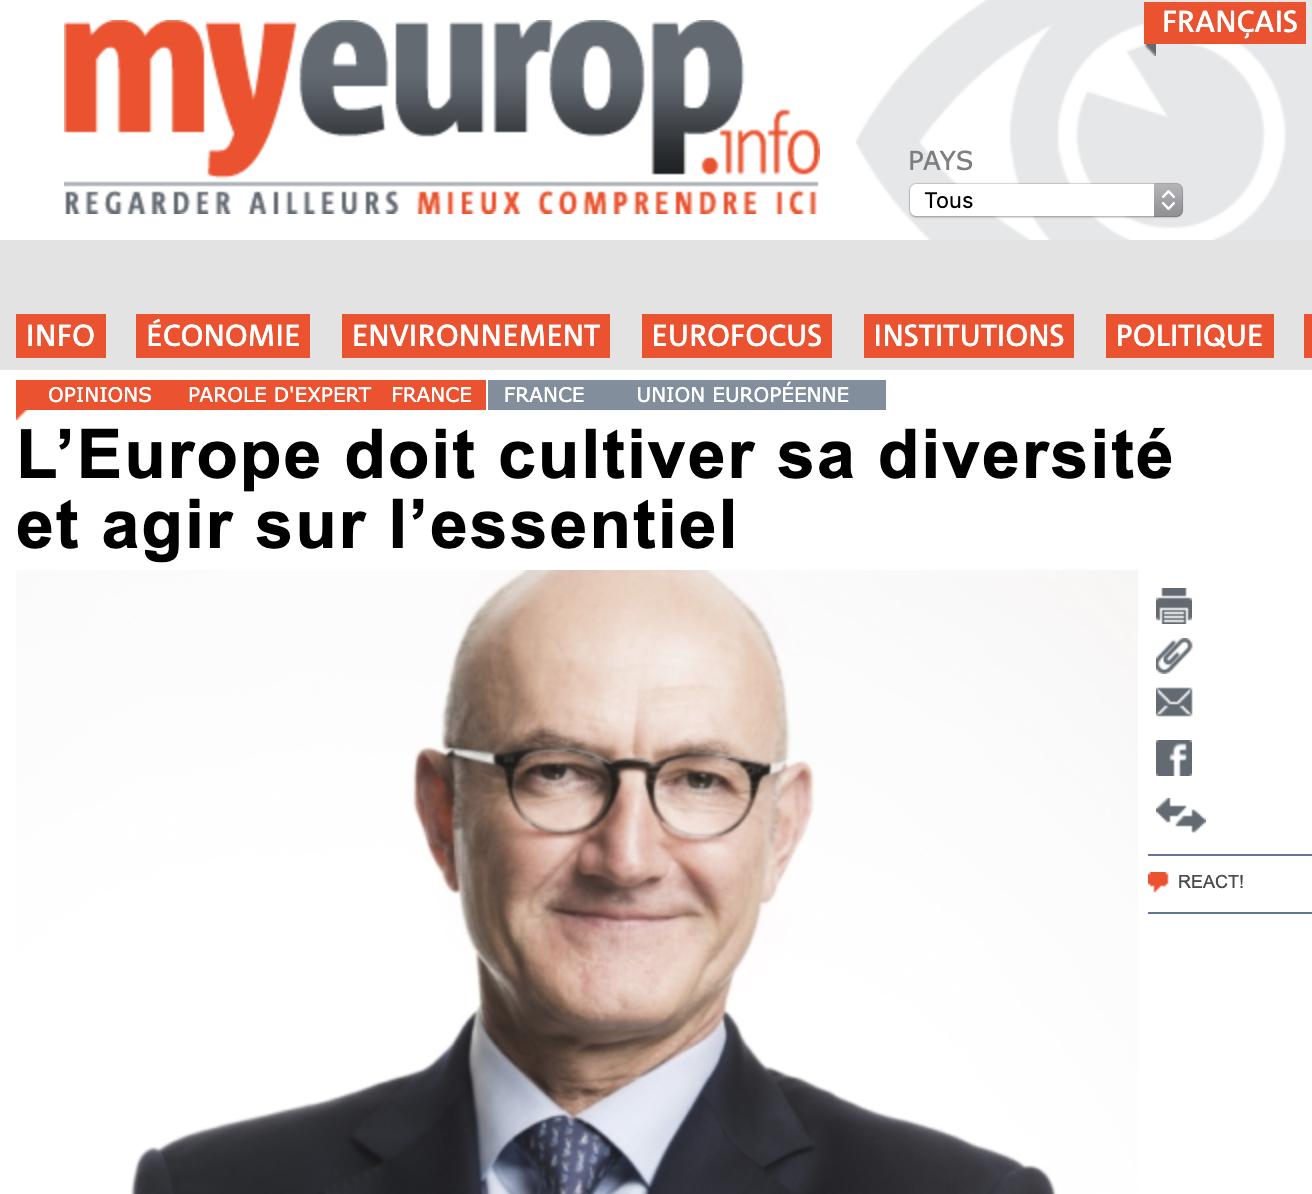 L'Europe doit cultiver sa diversité et agir sur l'essentiel